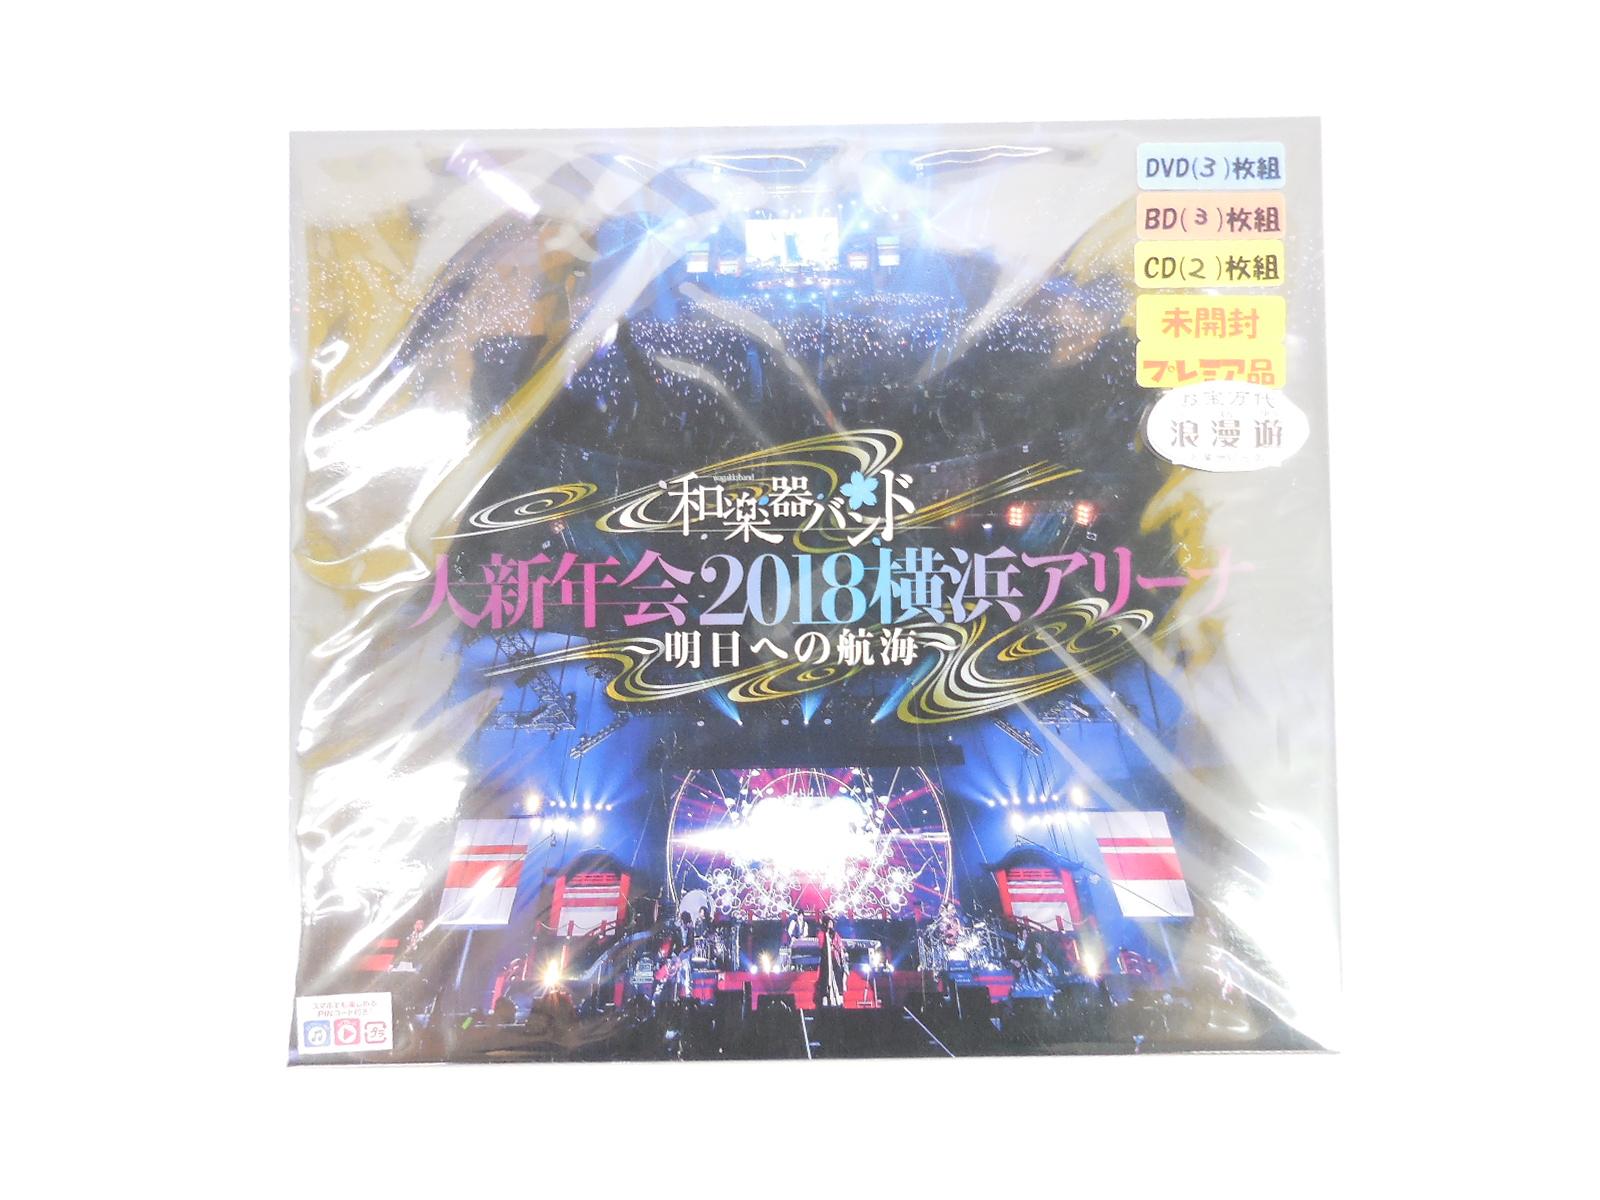 和楽器バンド 「大新年会2018横浜アリーナ ~明日への航海~」ファンクラブ八重流限定 【DVD+Blu-ray+CD】